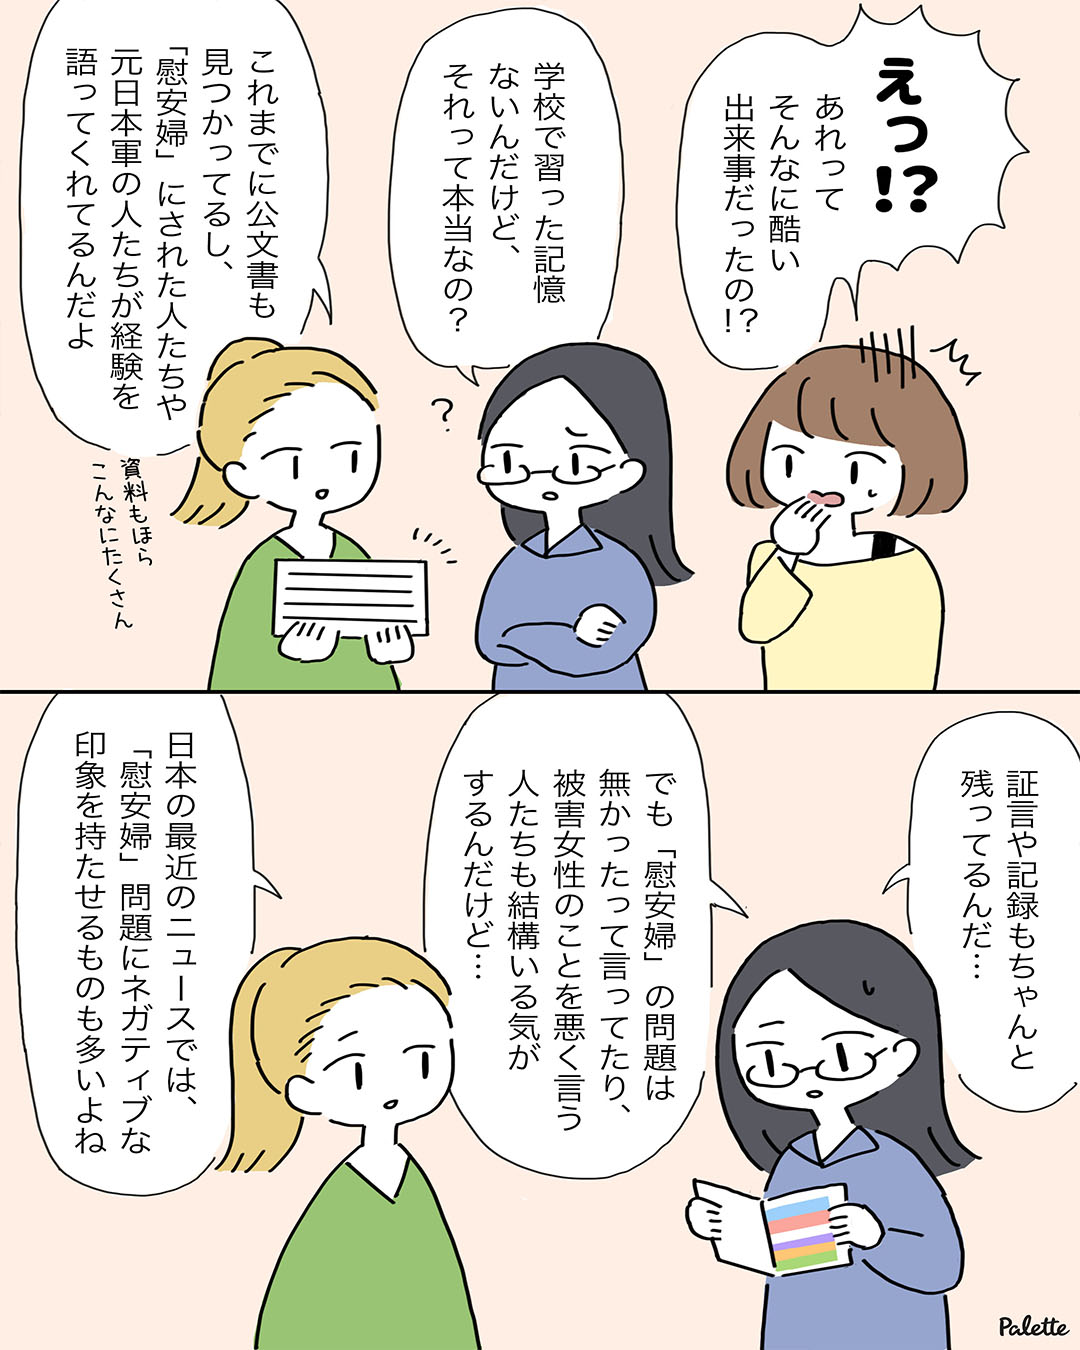 慰安婦02_インスタ.jpg